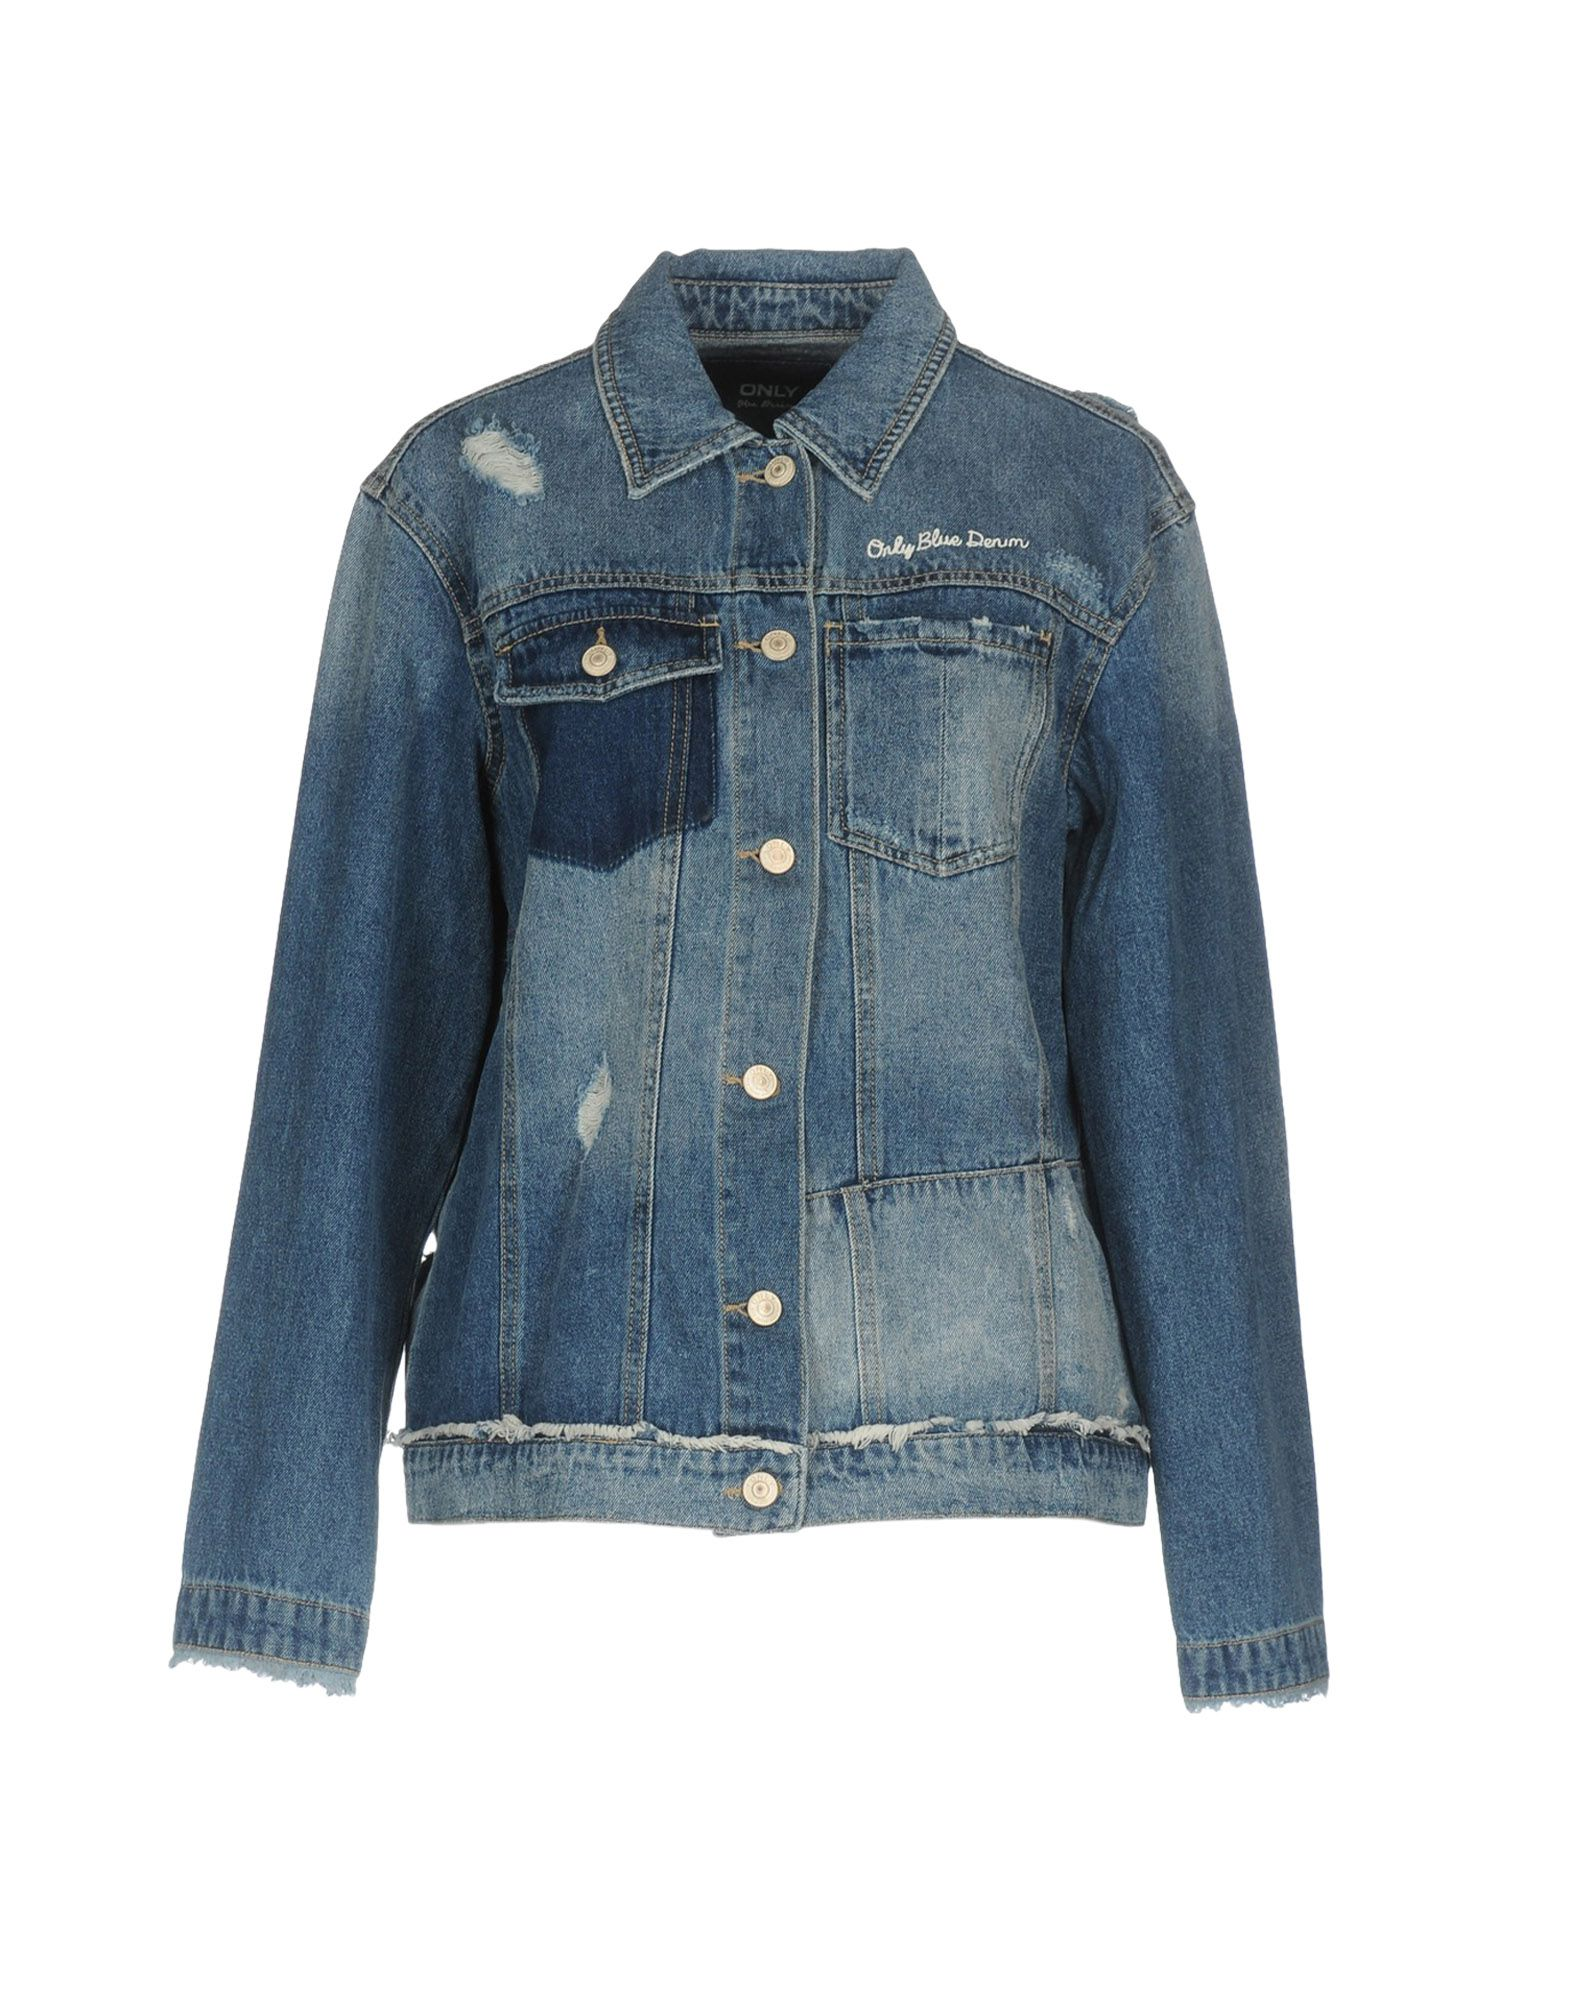 купить ONLY BLU Джинсовая верхняя одежда по цене 2750 рублей